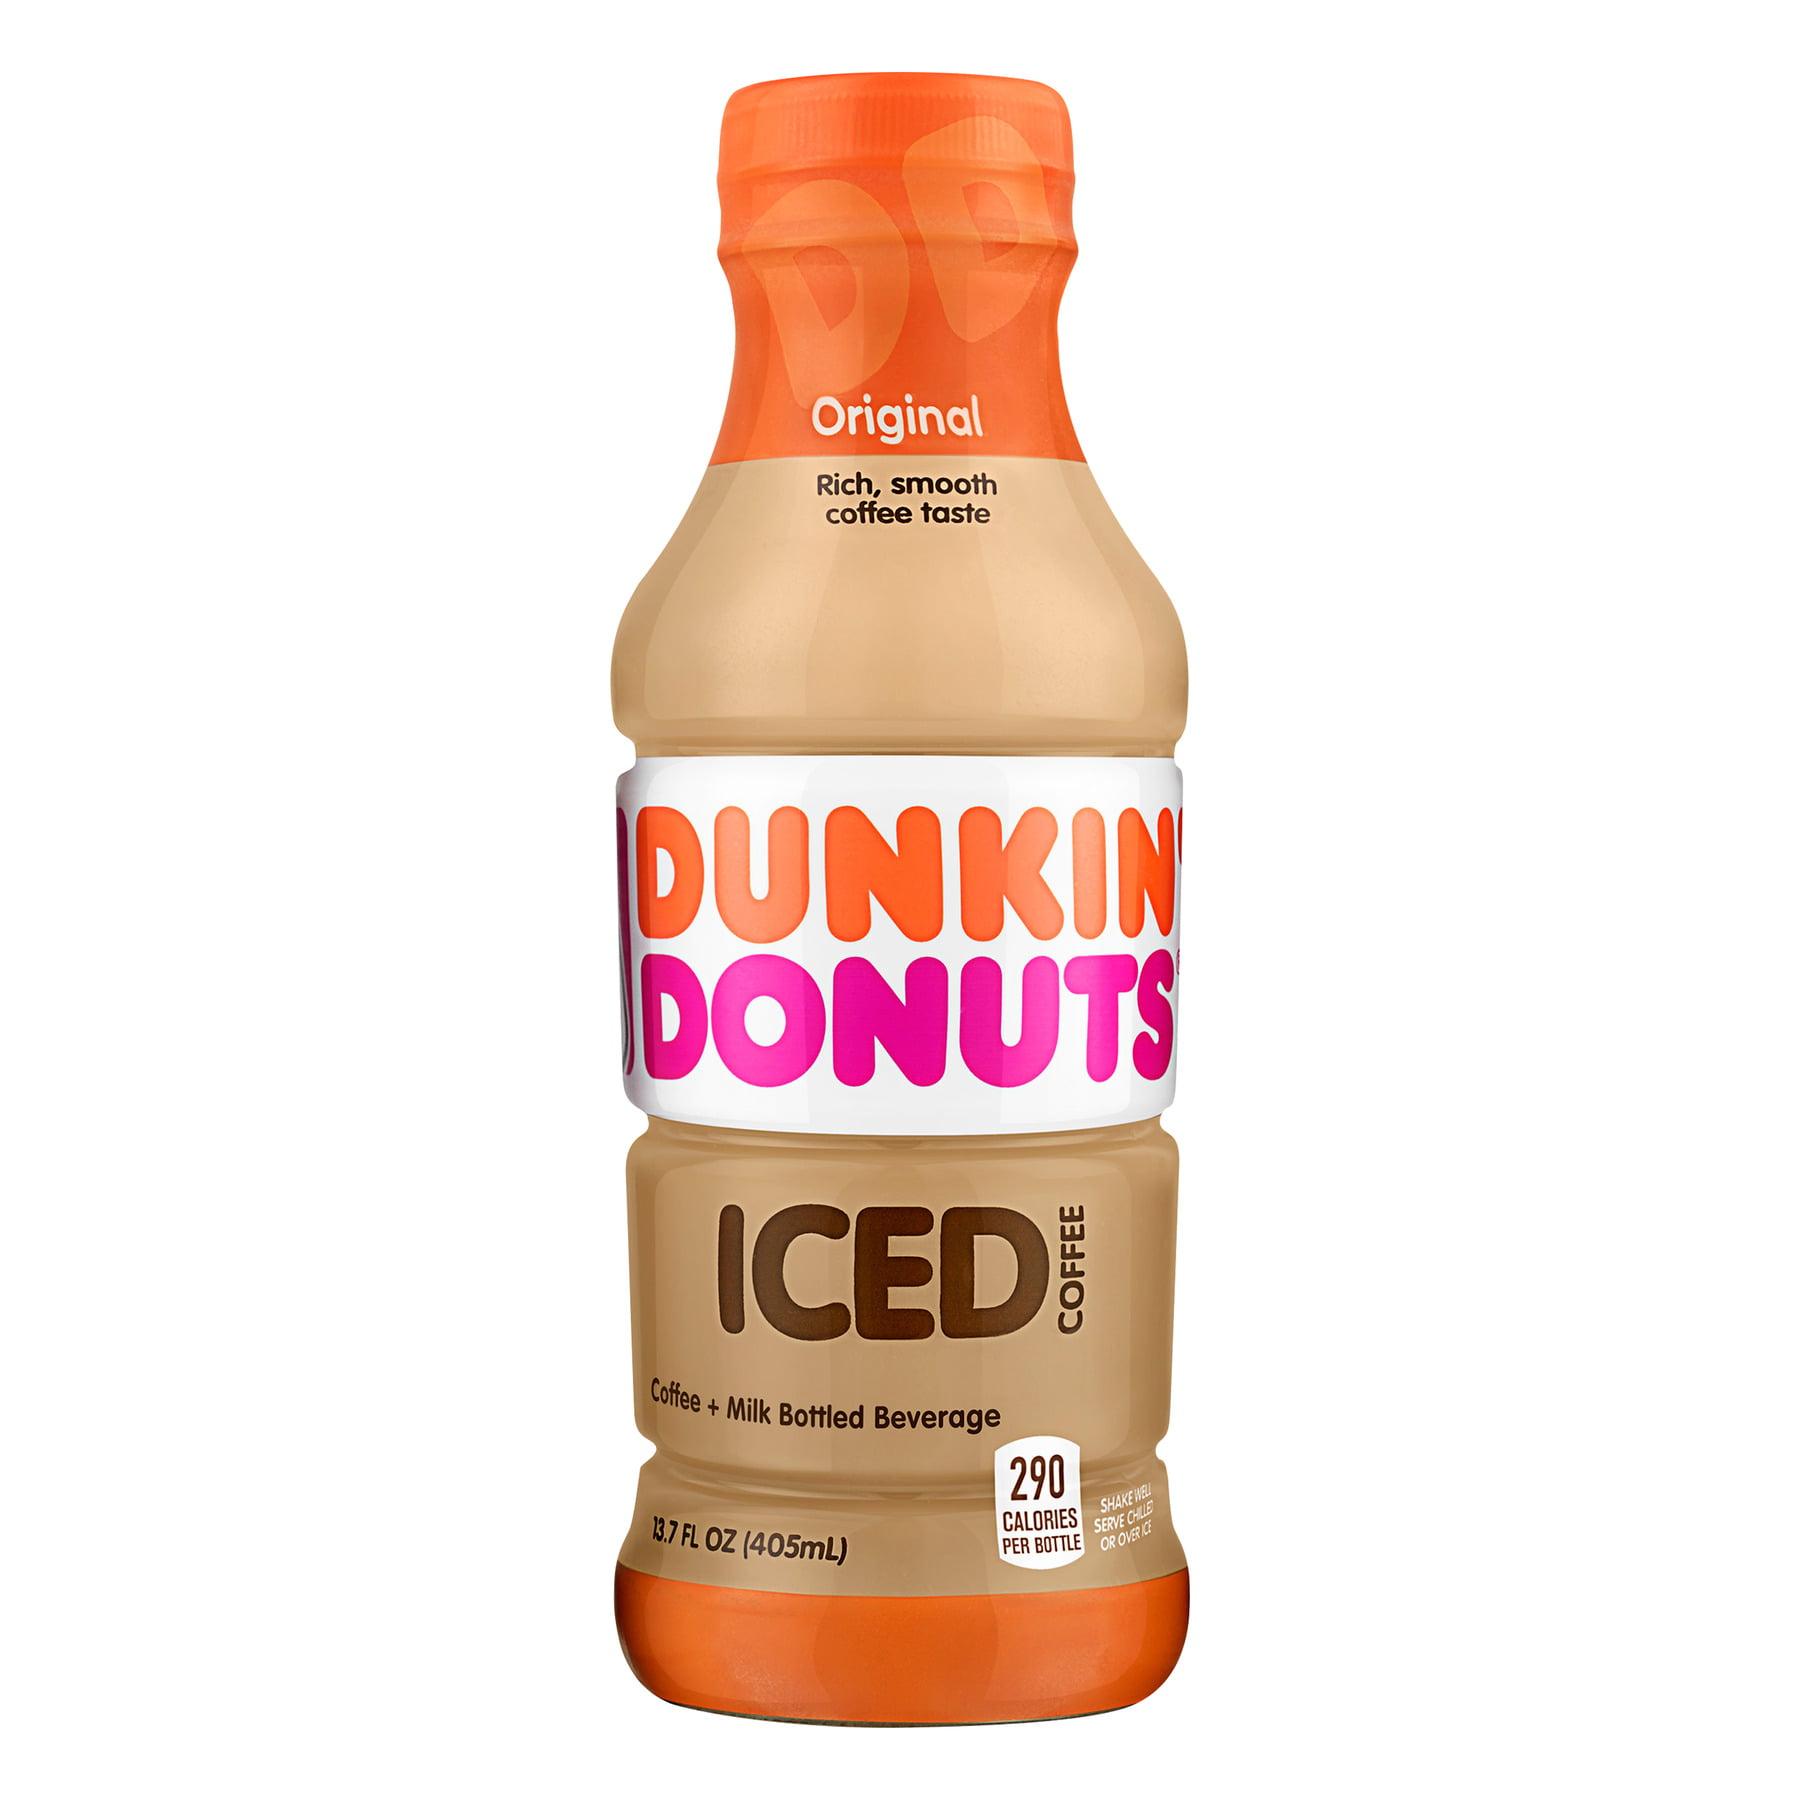 Dunkin' Donuts Original Iced Coffee, 13.7 Fl. Oz ... (1800 x 1800 Pixel)